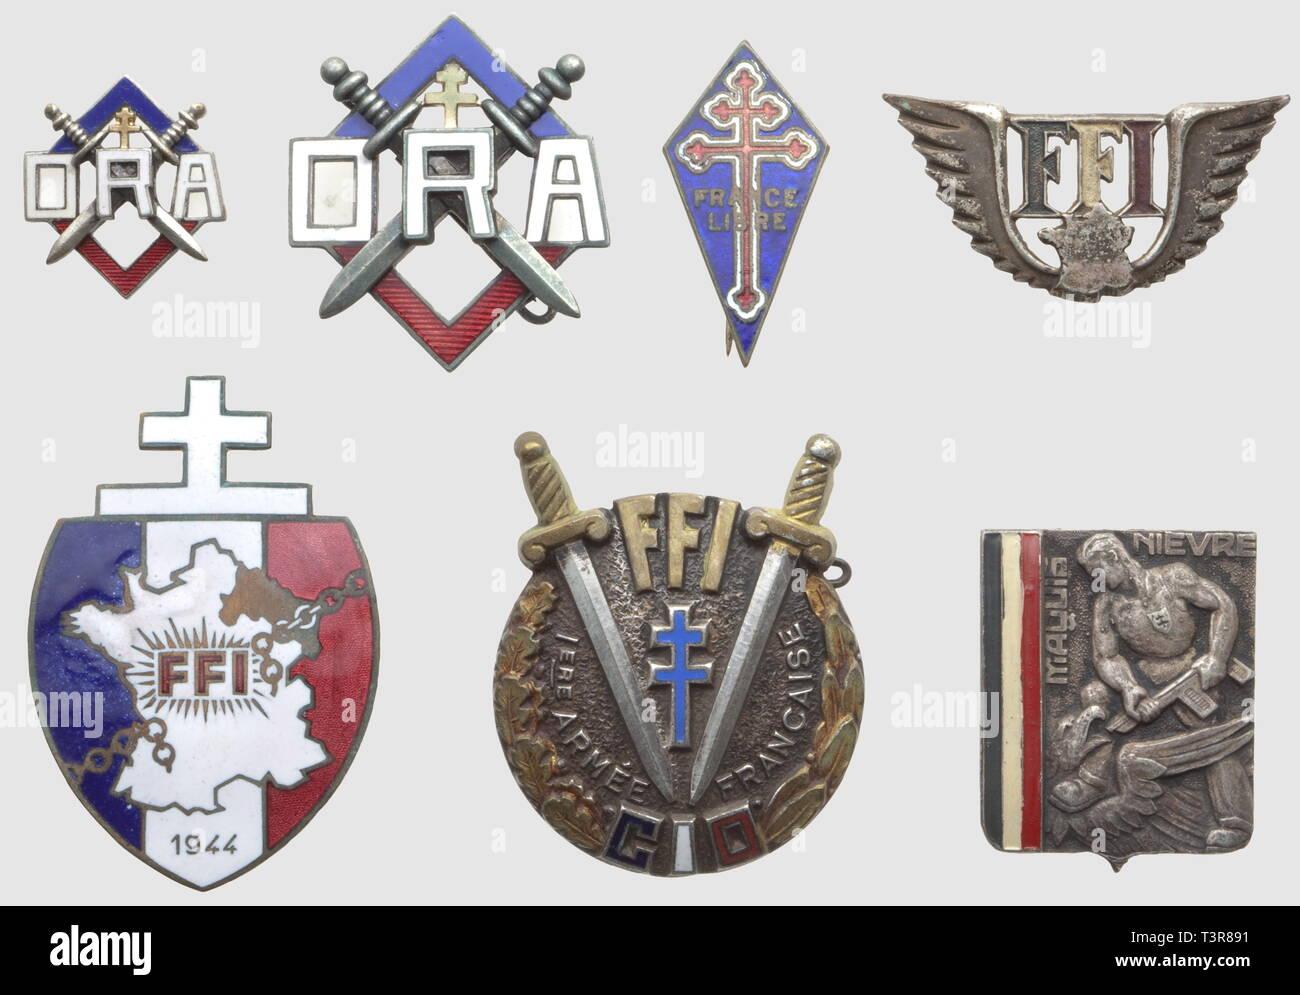 """RESISTANCE ET FORCES FRANCAISES LIBRES, Lot d'insignes métalliques, comprenant le rare Centre d'Instruction des Officiers FFI (CIO) créé en novembre 1944, dos lisse embouti, SNF, l'insigne de l'Organisation de la Résistance Armée (ORA), matriculé 1983, SNF (Chaumet) et sa réduction, SNF, sans attache, l'insigne du Maquis de la Nièvre, modèle peint (DP), l'insigne FFI de la Région C, matriculé 13964 (poincon AB), l'insigne général FFI peint, matriculé 125329 et le petit modèle du """"perchoir"""" de la France Libre, de fabr. anglaise marquée """"Regd no.83, Additional-Rights-Clearance-Info-Not-Available Stock Photo"""